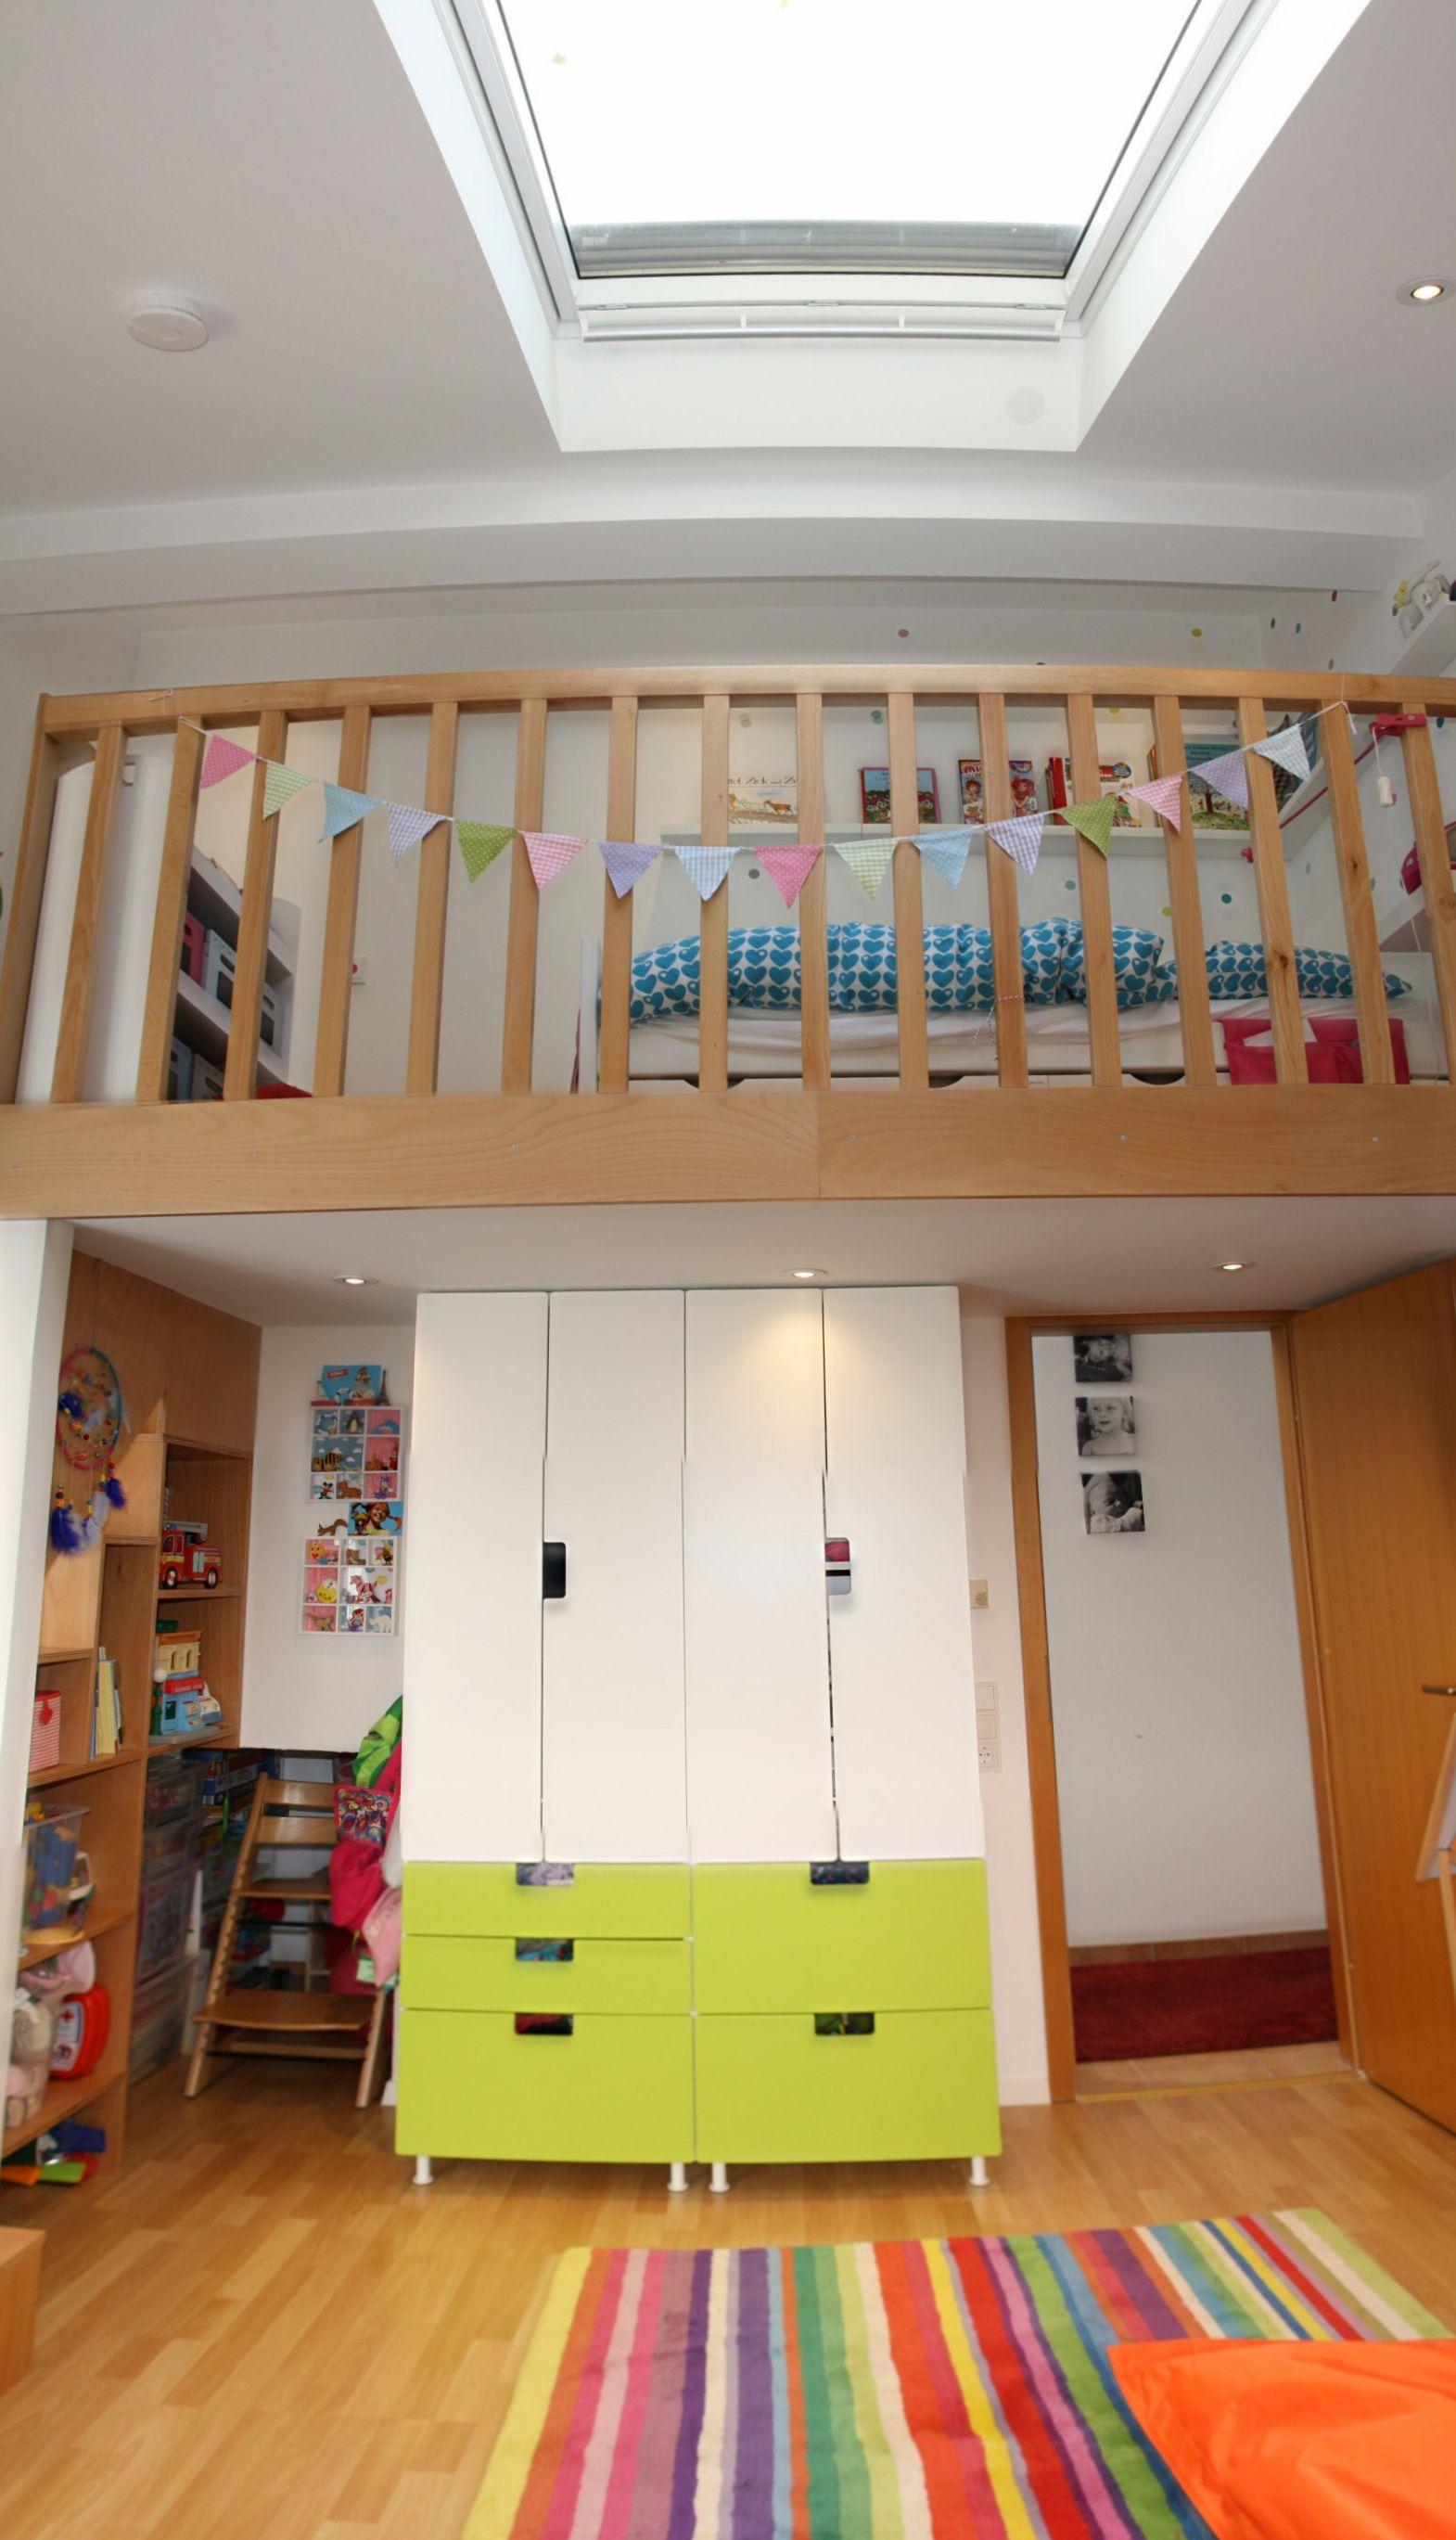 Umbau kinderzimmer einbau 2 ebene schlafebene hochbett ikea stuva bunk bed for Kinderzimmer hochbett ideen